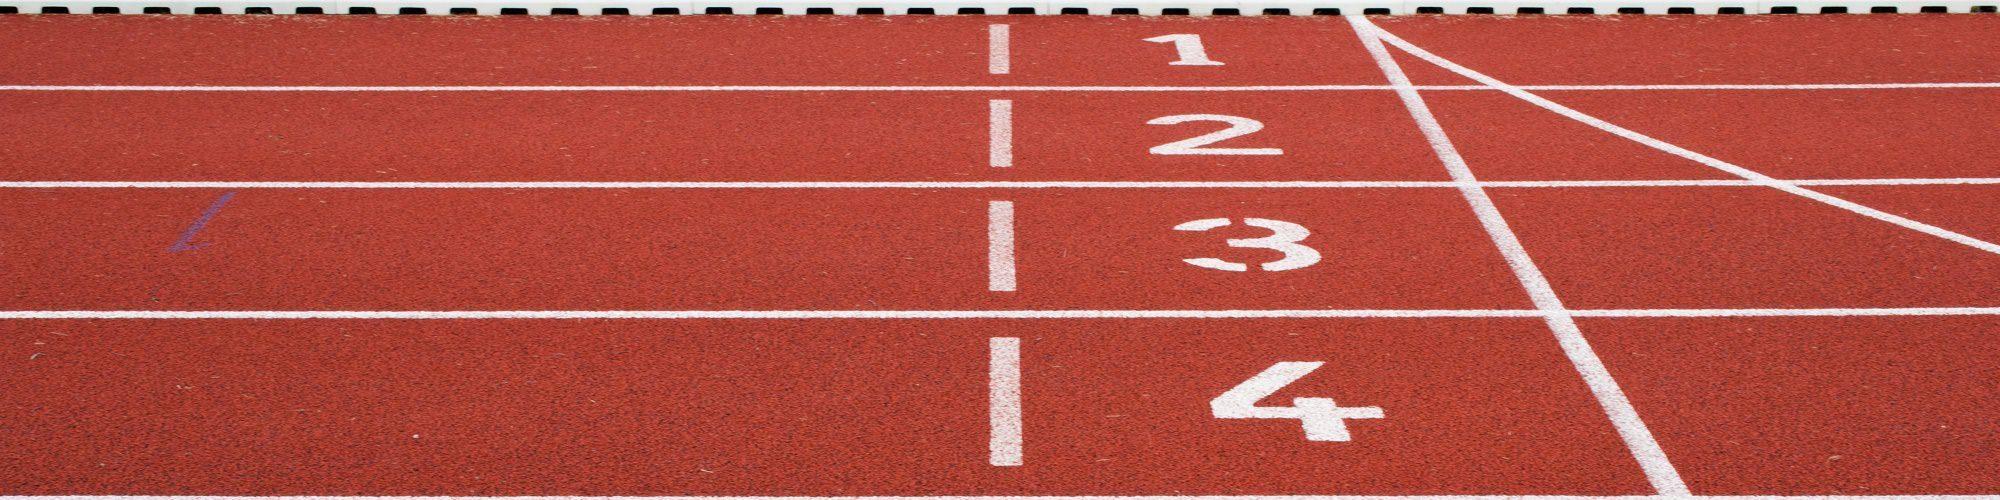 zwalczanie dopingu